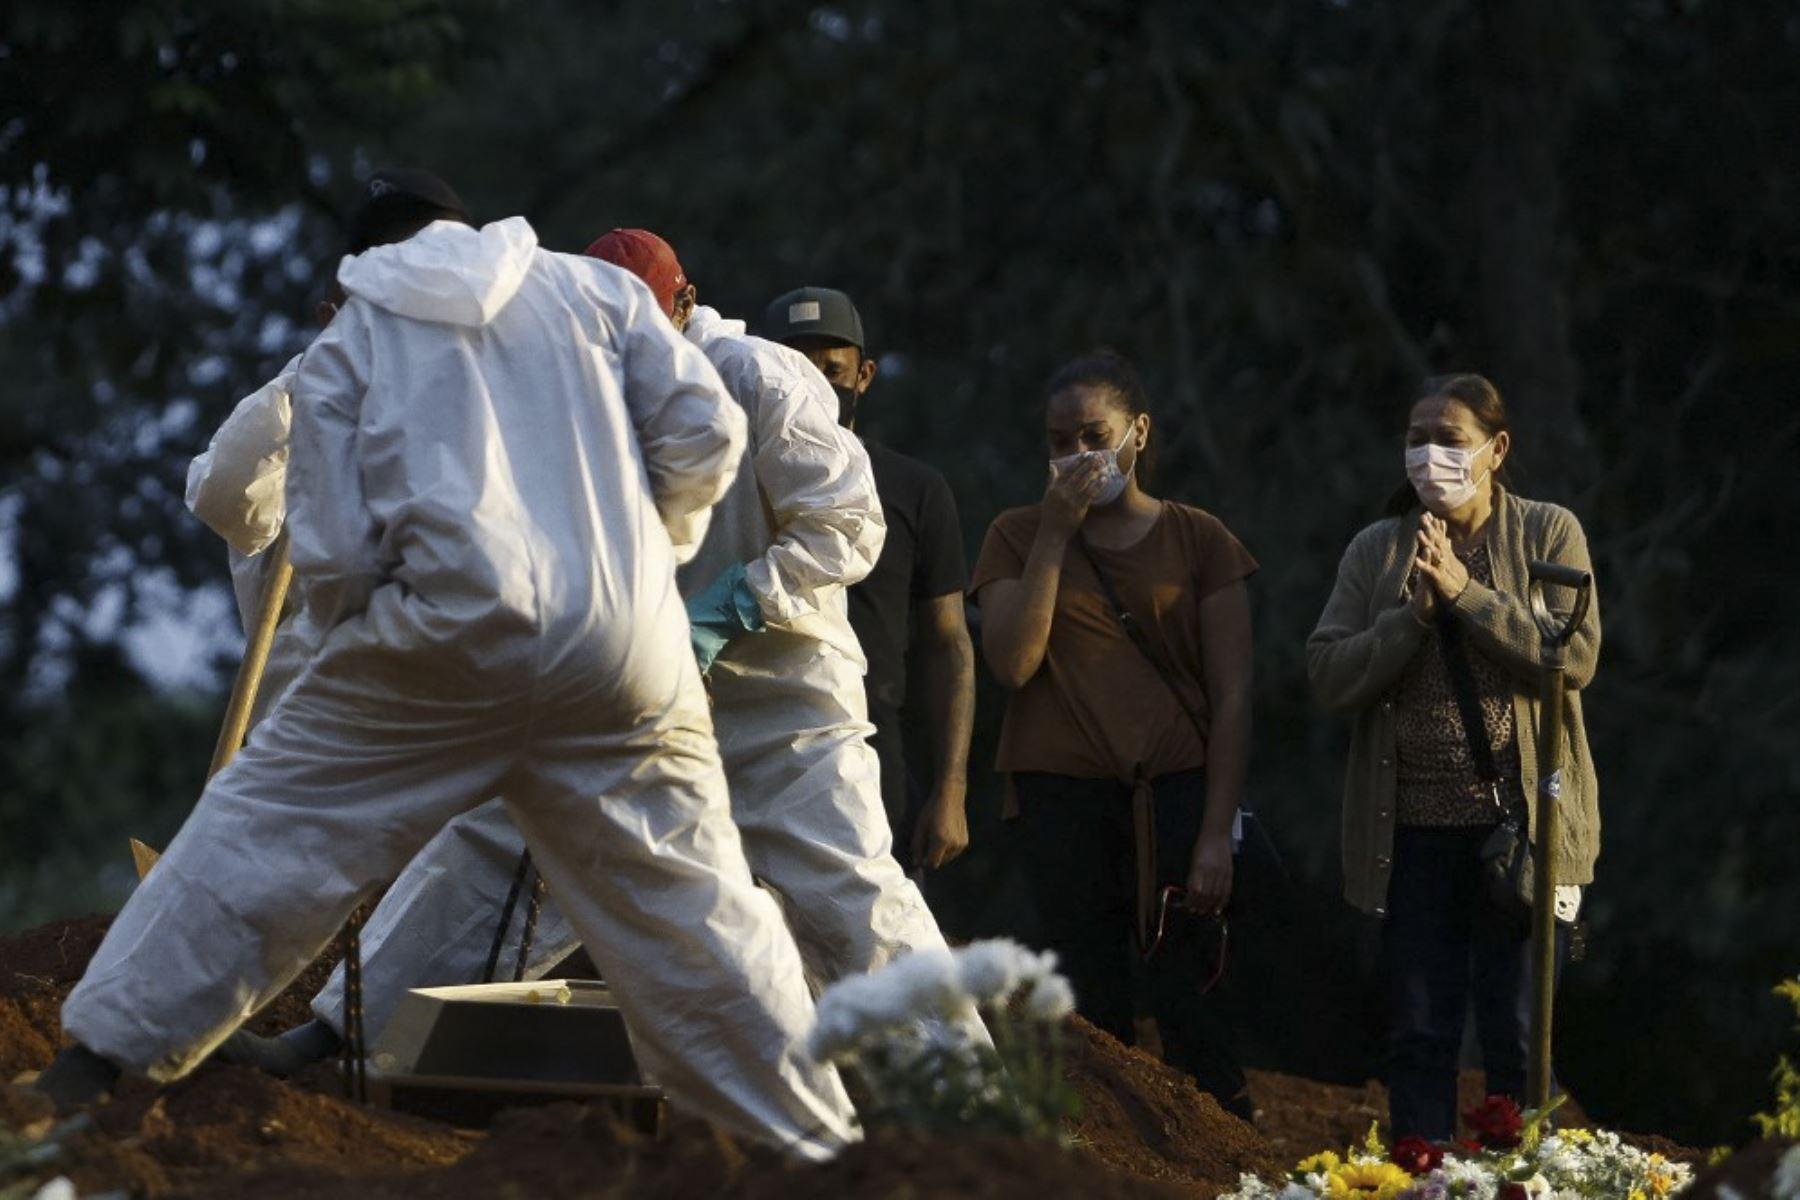 La gente llora mientras un familiar es enterrado por trabajadores del cementerio con equipo de protección como medida preventiva contra la propagación de la enfermedad del nuevo coronavirus, covid-19, en el cementerio de Vila Formosa en Sao Paulo, Brasil. Foto: AFP